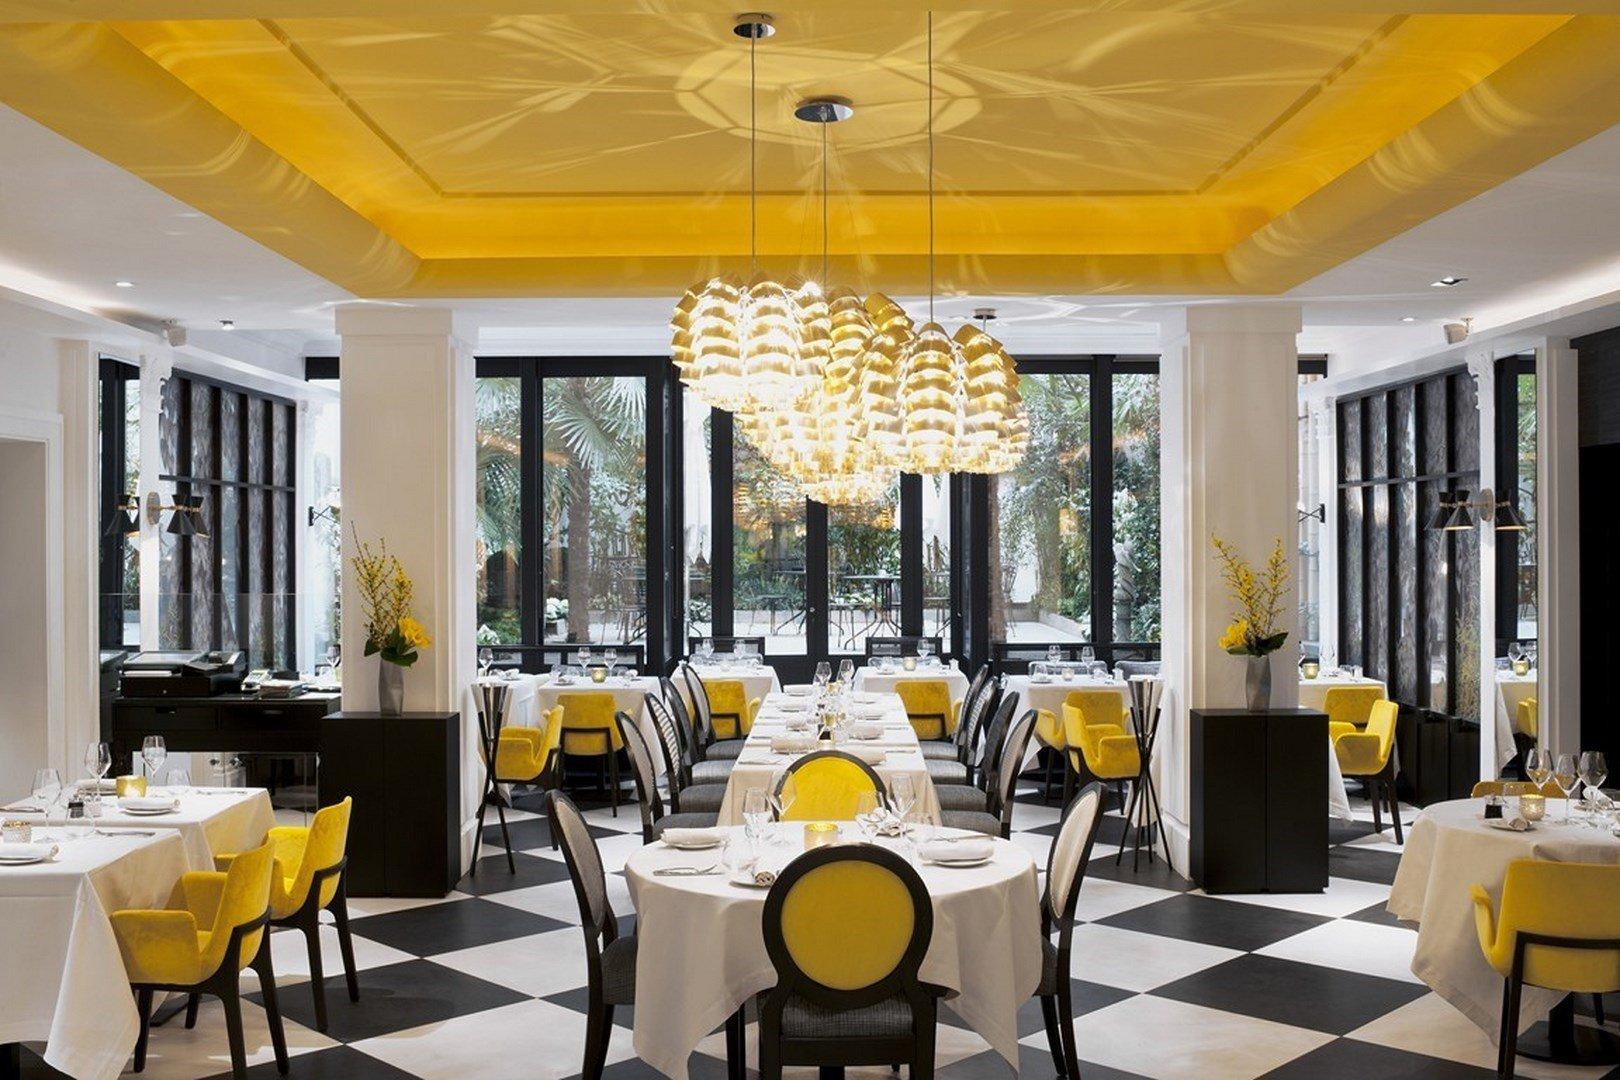 D�ner d'entreprise avec une carte sign�e par un Chef trois �toiles restaurant groupe Paris 8